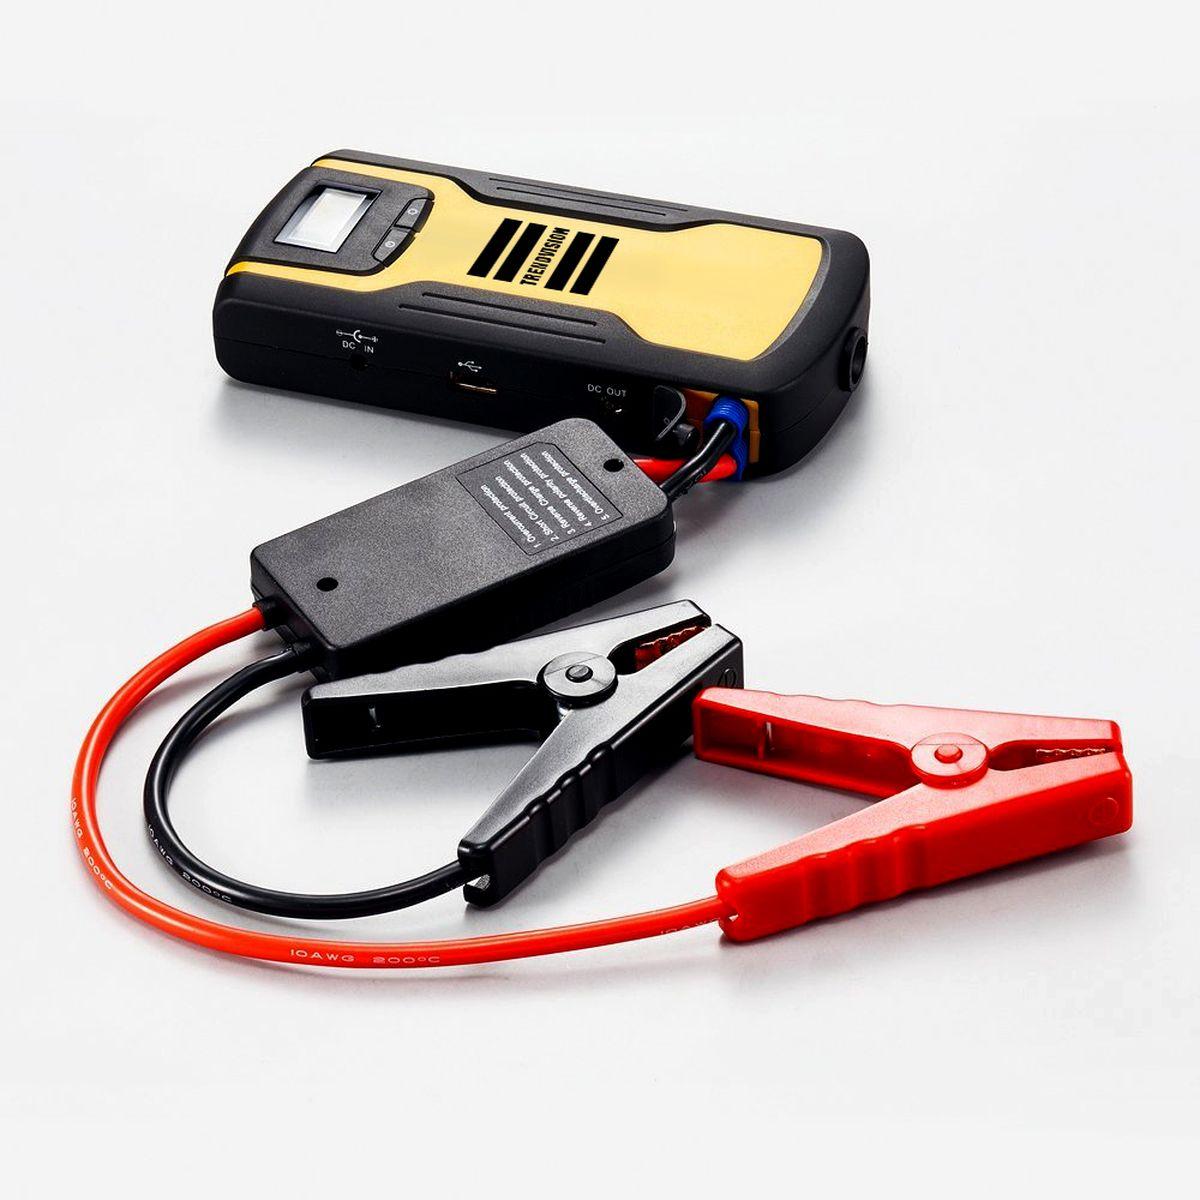 Пуско-зарядное устройство TrendVision Start 11000 Compressor, многофункциональноеO00000960Устройство позволяет запустить двигатель автомобиля, когда штатный аккумулятор не может с этим справиться. Также TrendVision Start 11000 Compressor зарядит Ваш планшет, смартфон, фото и видео аппаратуру. В комплекте автомобильный компрессор.